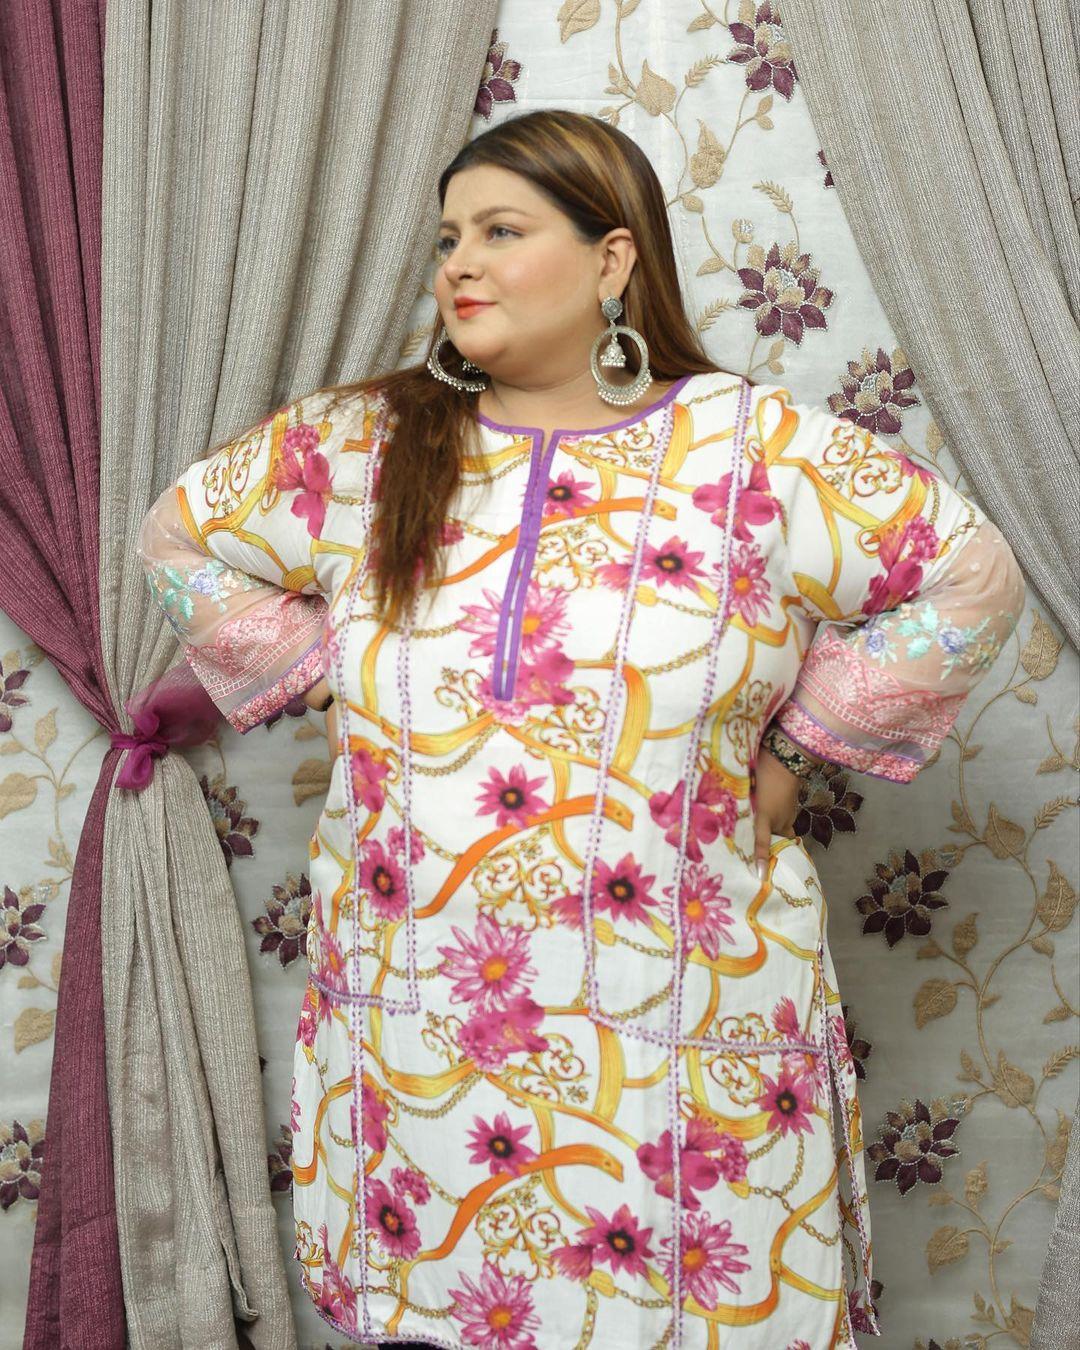 TikTok star Aleena Fatima